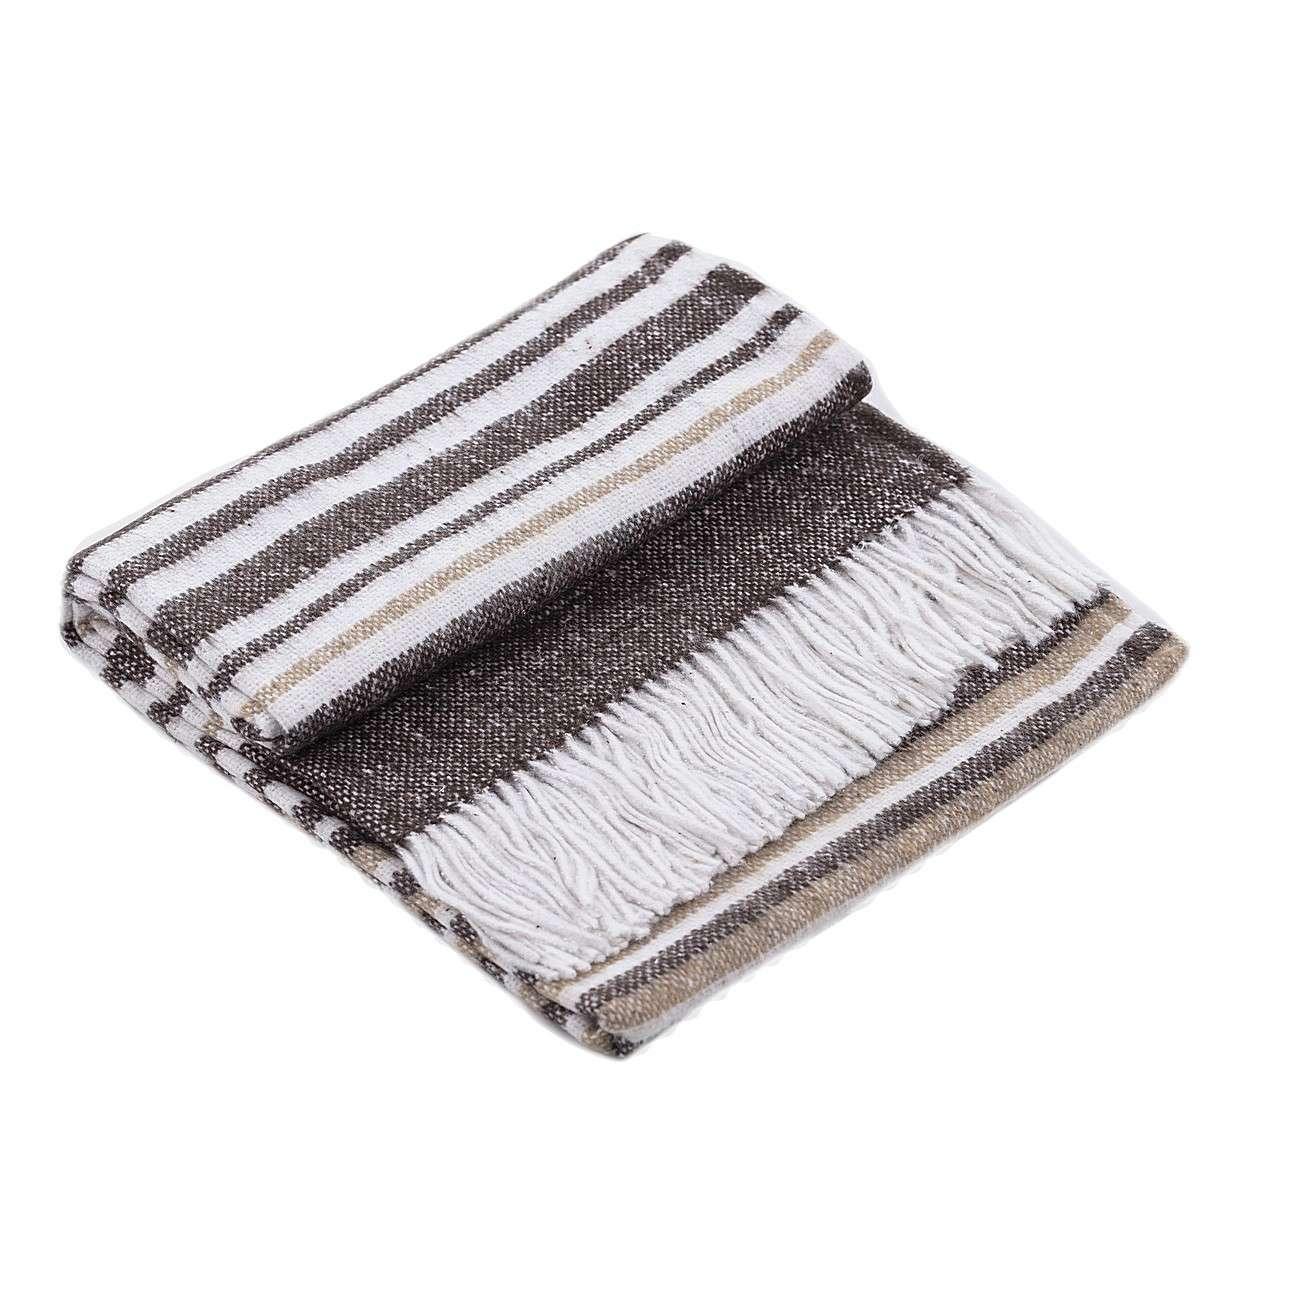 Plaid Gana Brown&White 140x200cm, 140 x 200 cm | Heimtextilien > Decken und Kissen > Tagesdecken und Bettüberwürfe | Dekoria